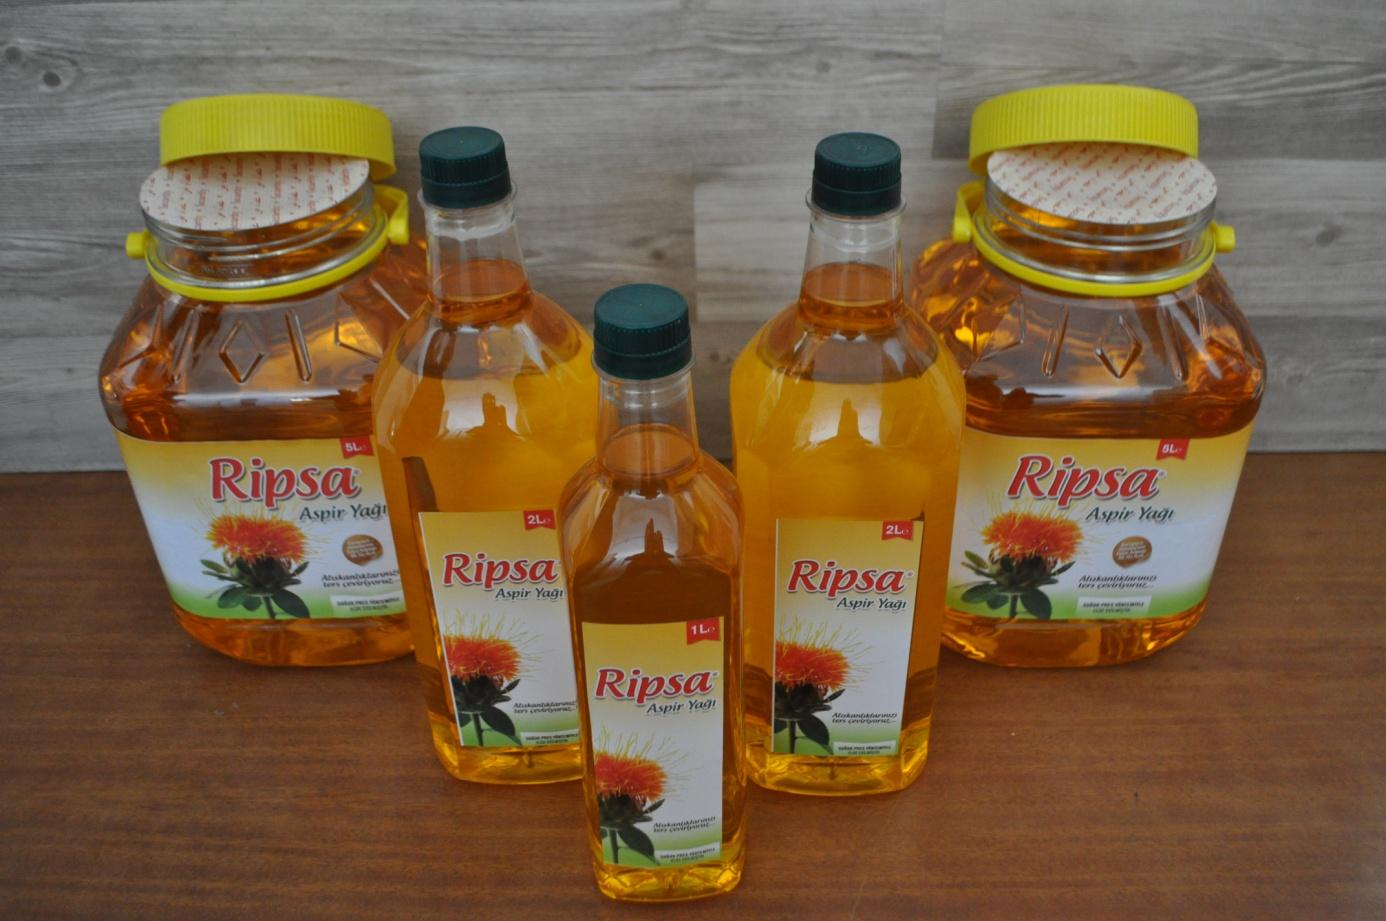 Ripsa Aspir Yağı